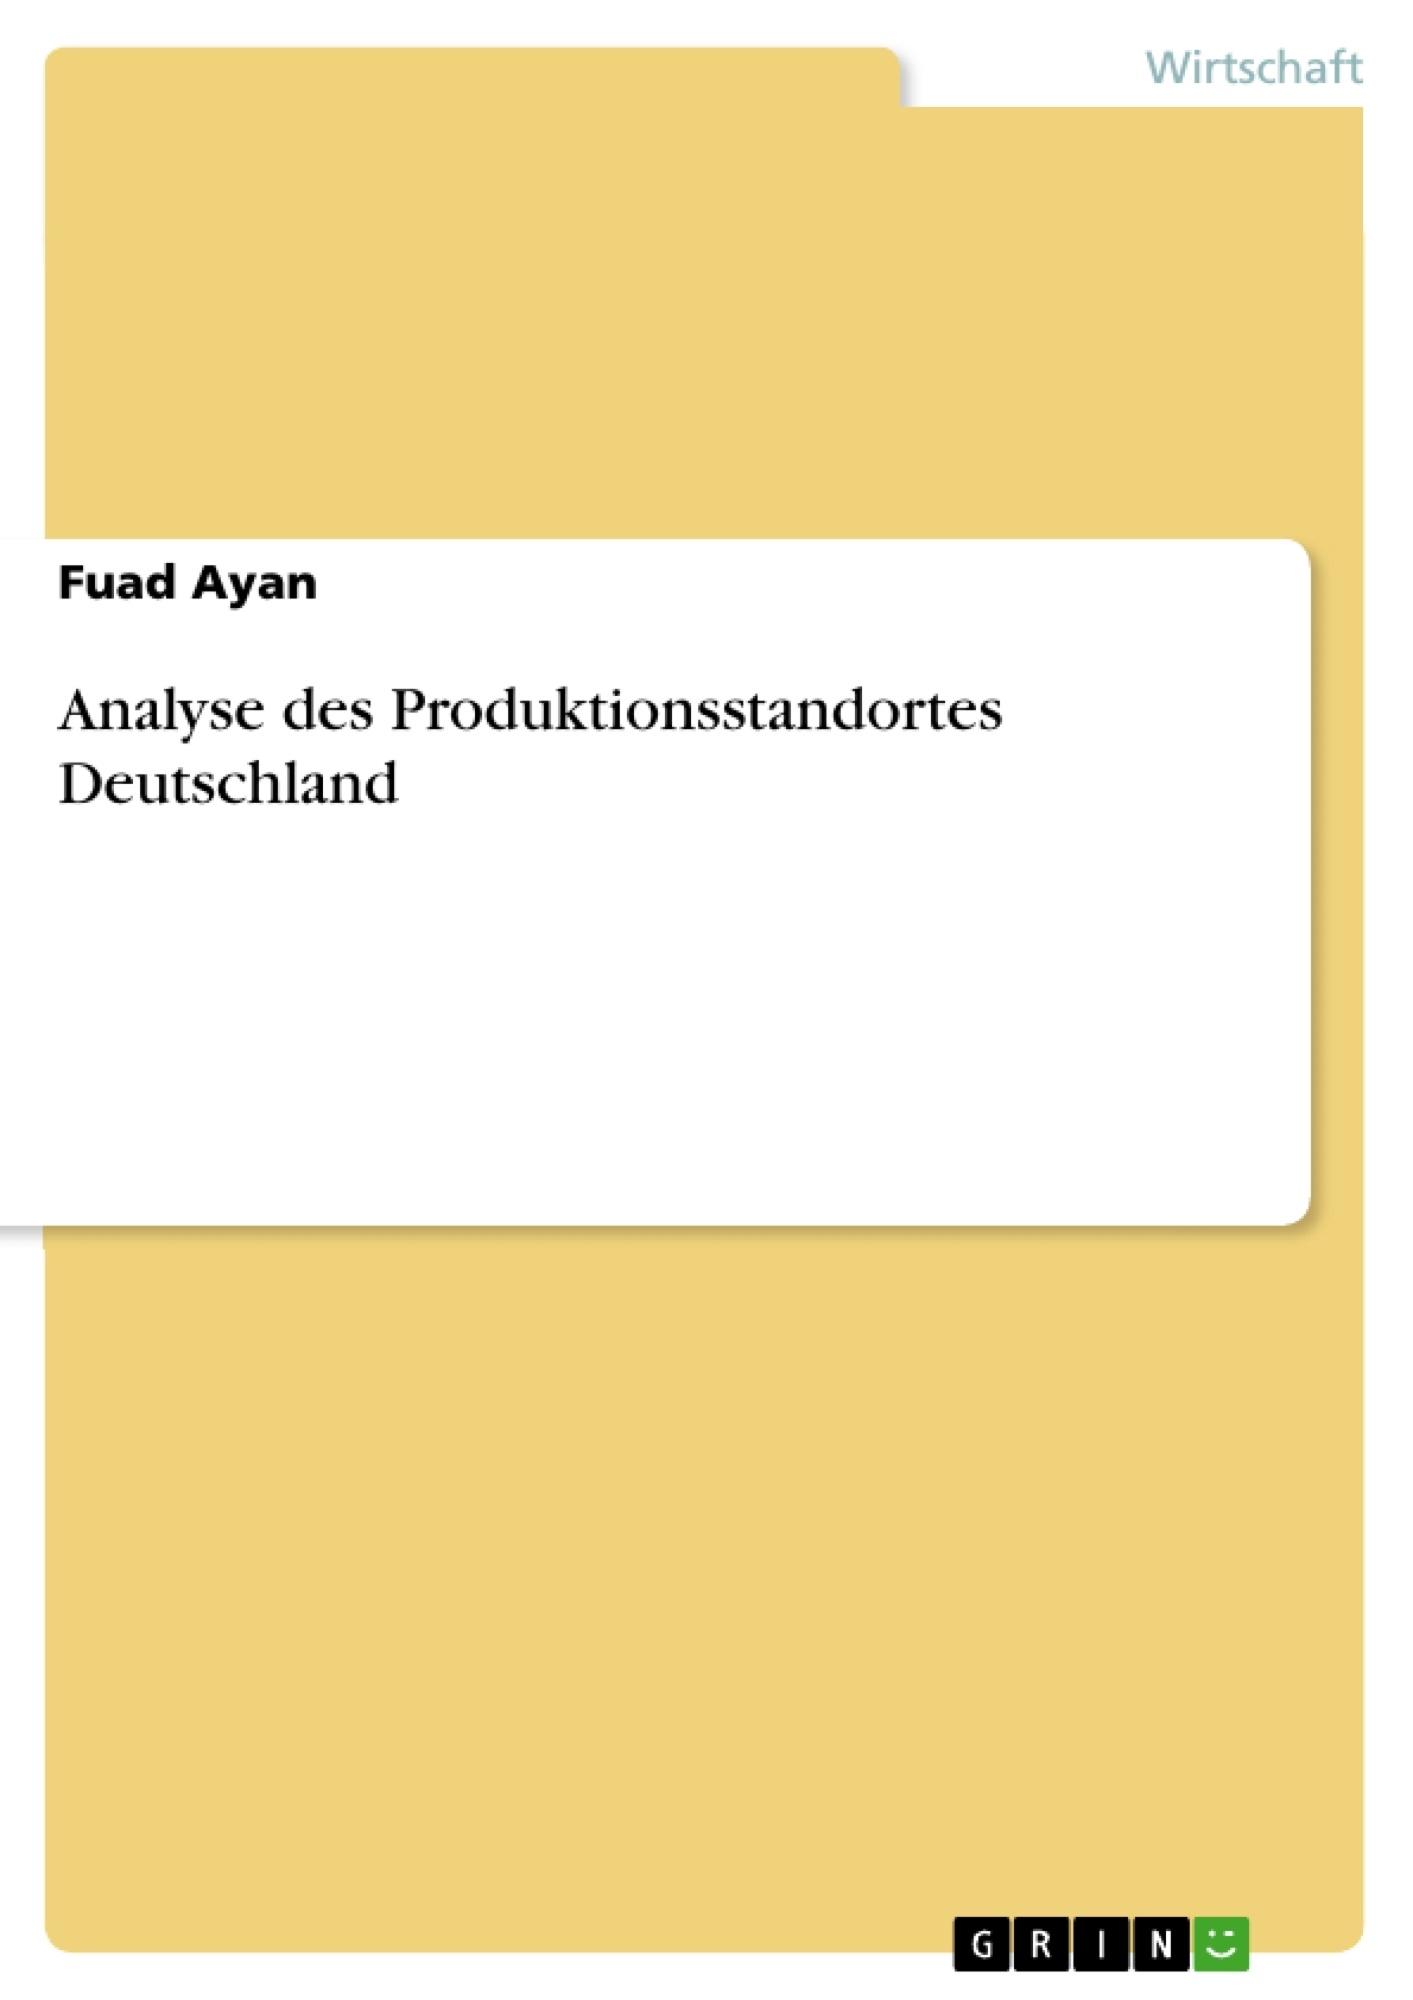 Titel: Analyse des Produktionsstandortes Deutschland